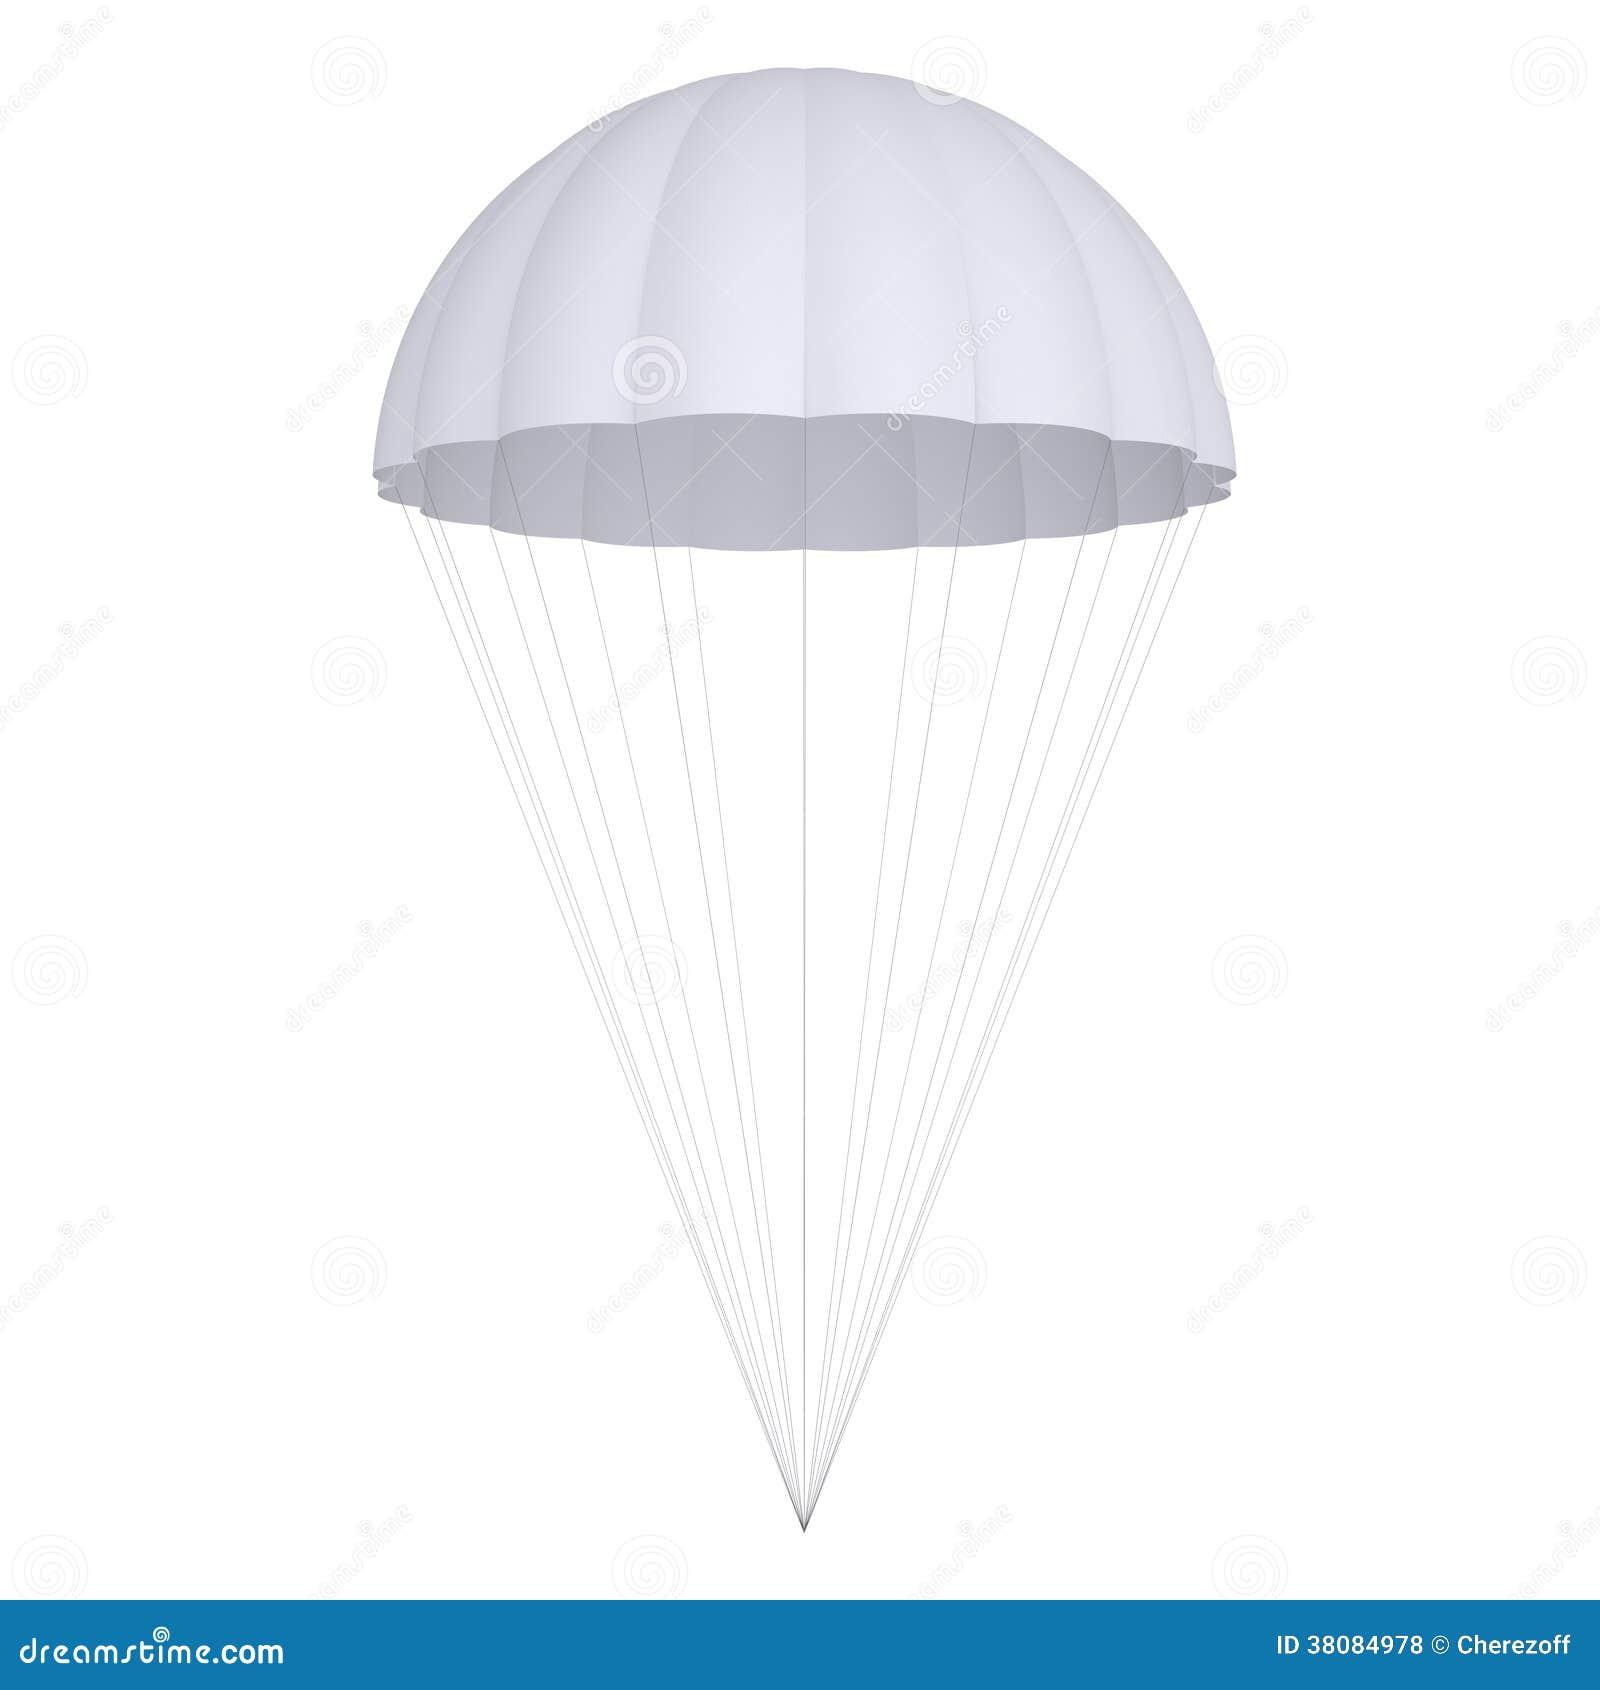 White Parachute Royalty Free Stock Photos Image 38084978